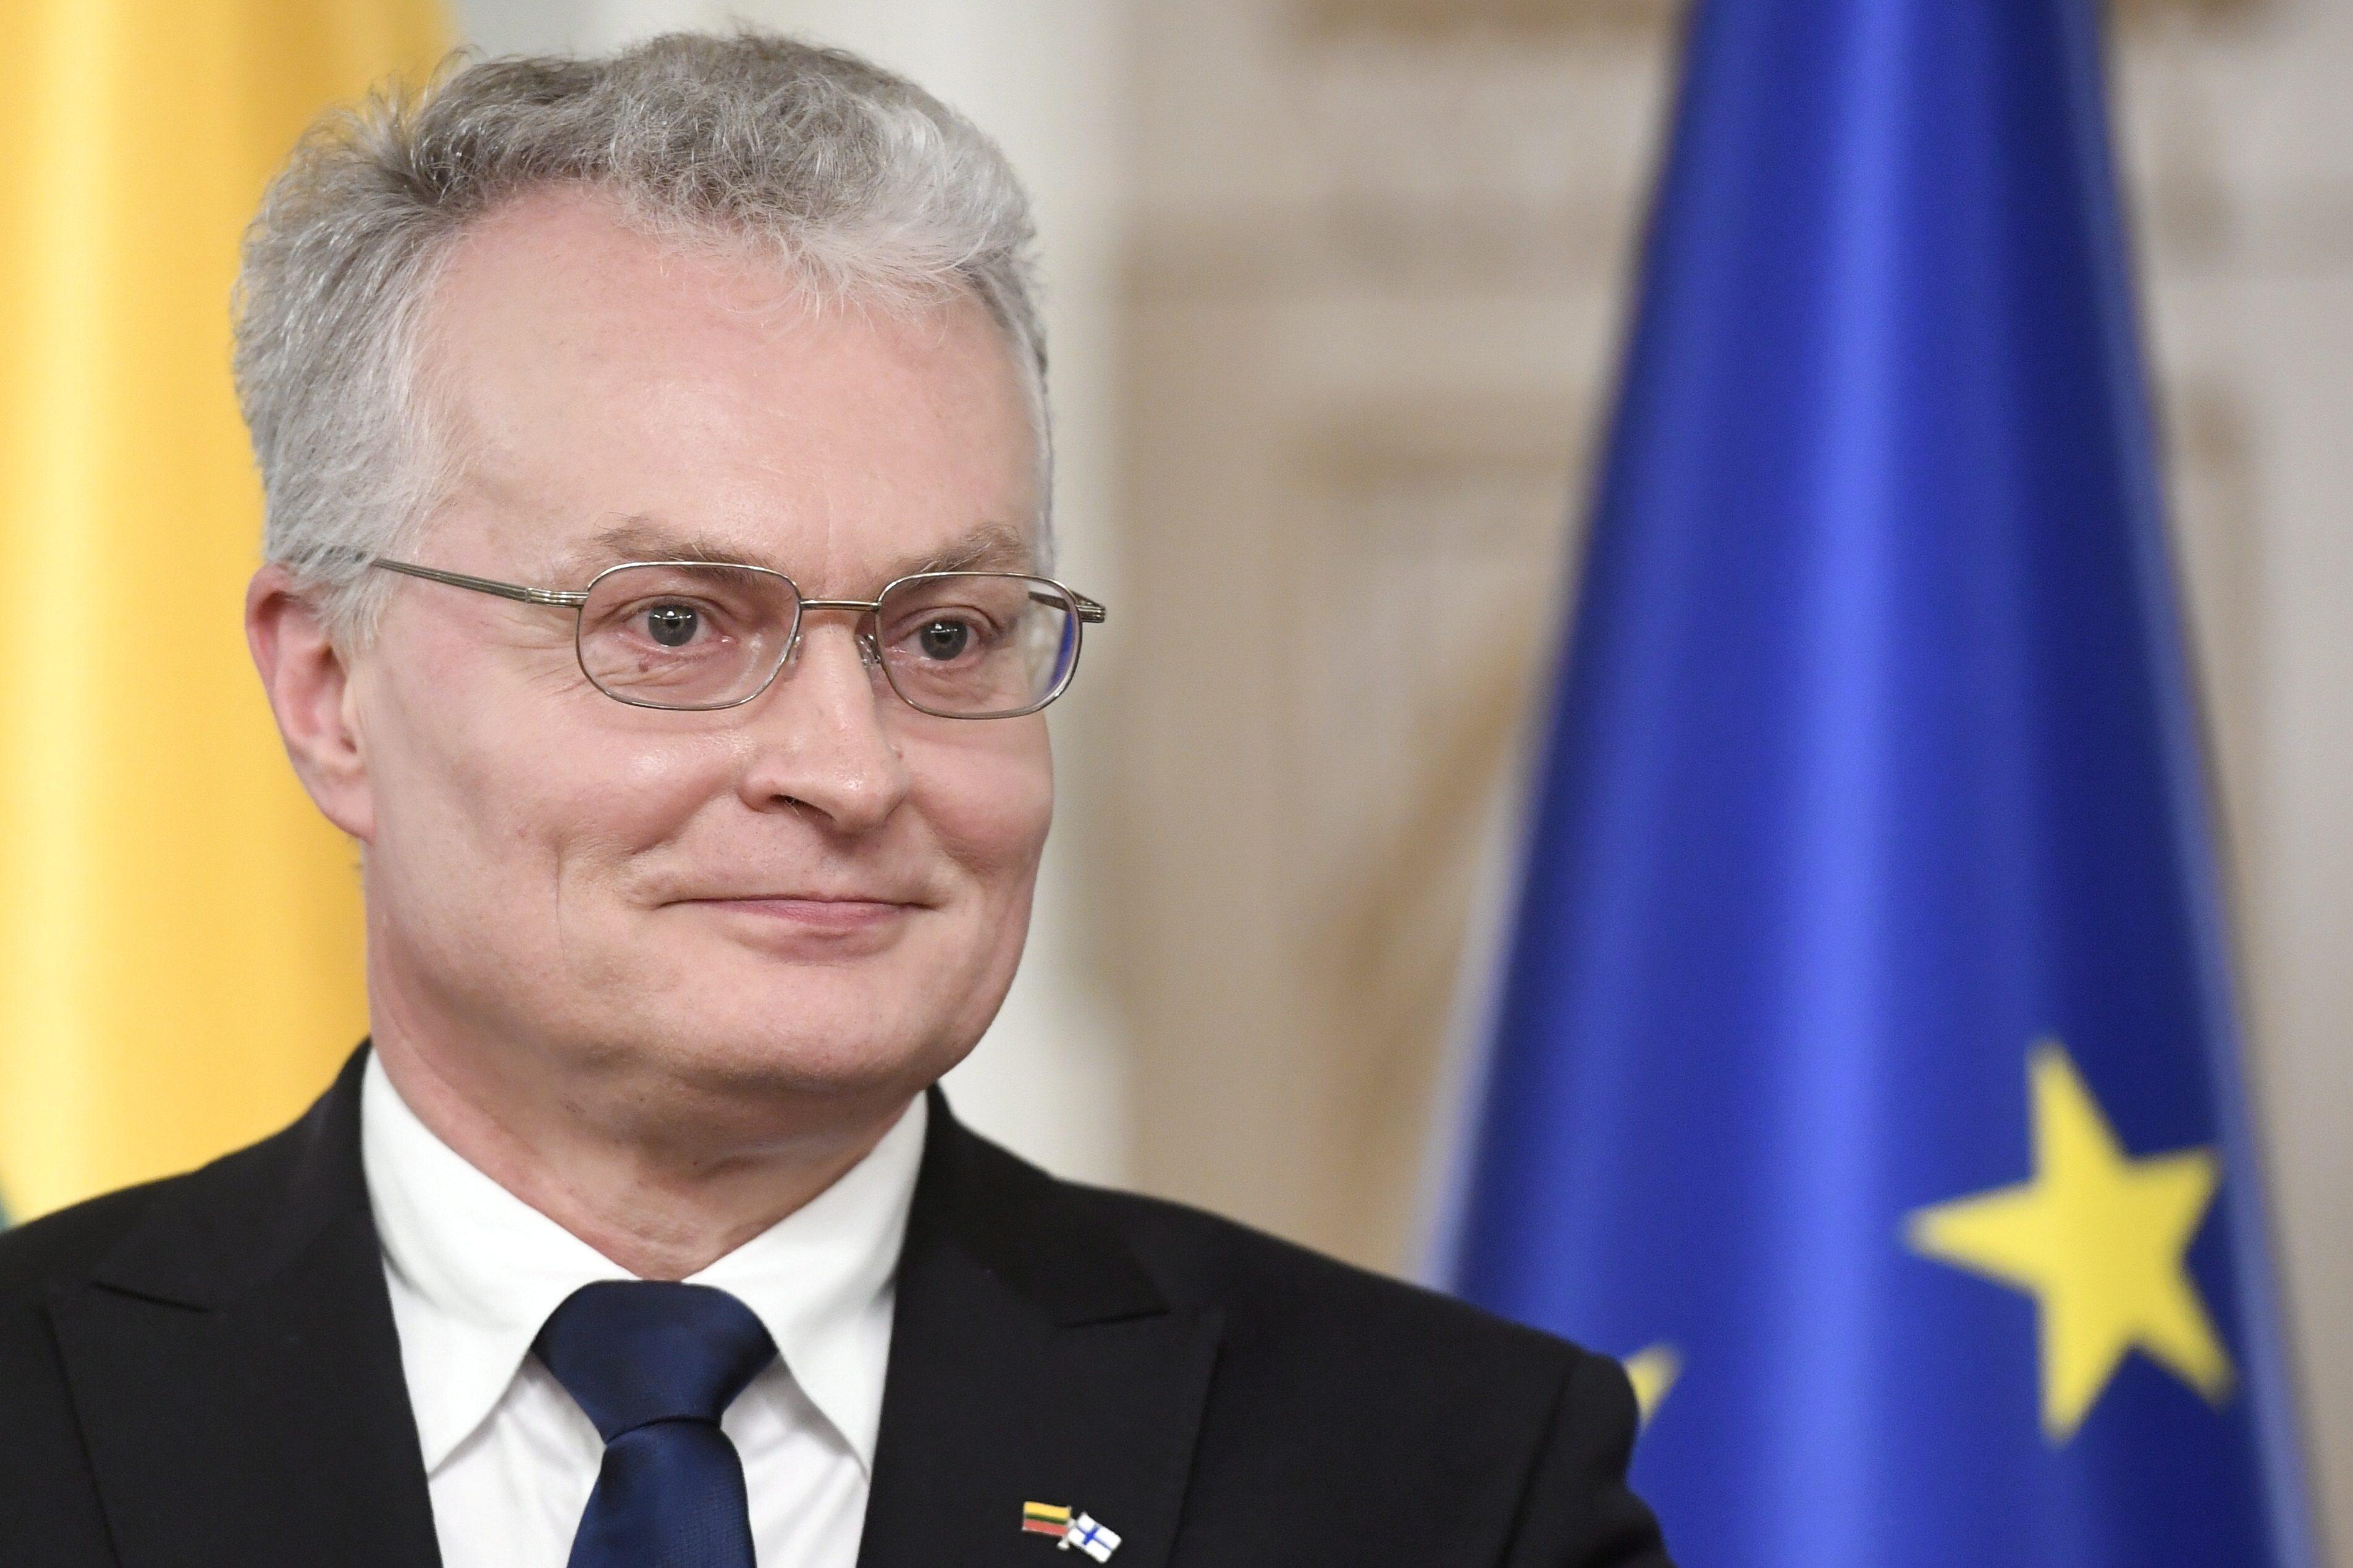 Ο Λιθουανός πρόεδρος απένειμε χάρη σε δύο Ρώσους κατασκόπους